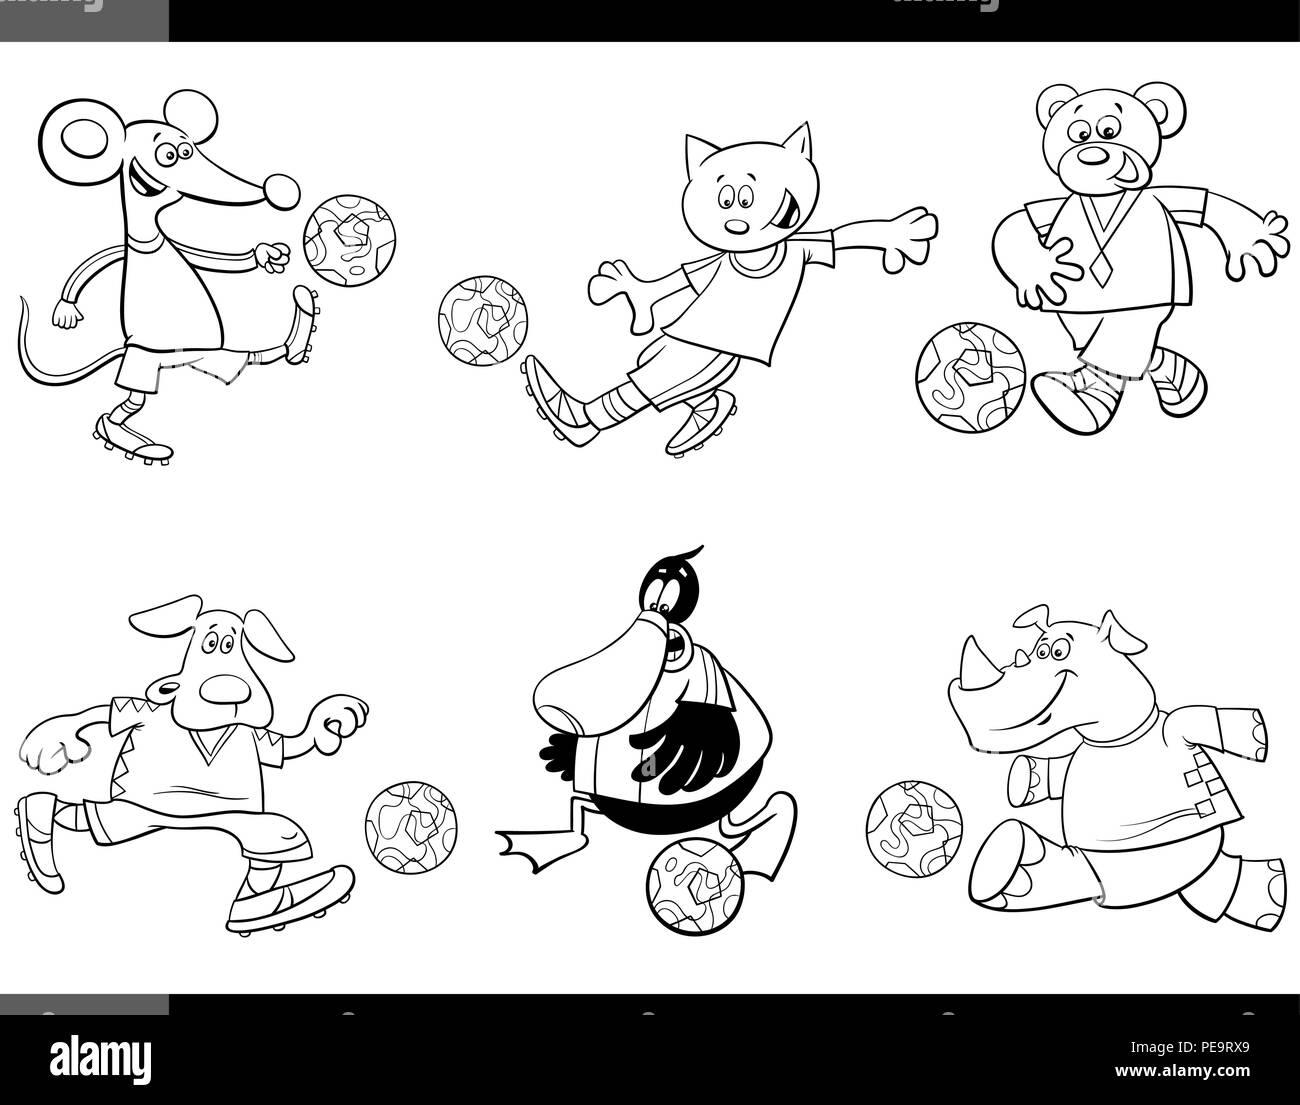 Ilustraciones De Dibujos Animados En Blanco Y Negro De Animales O De